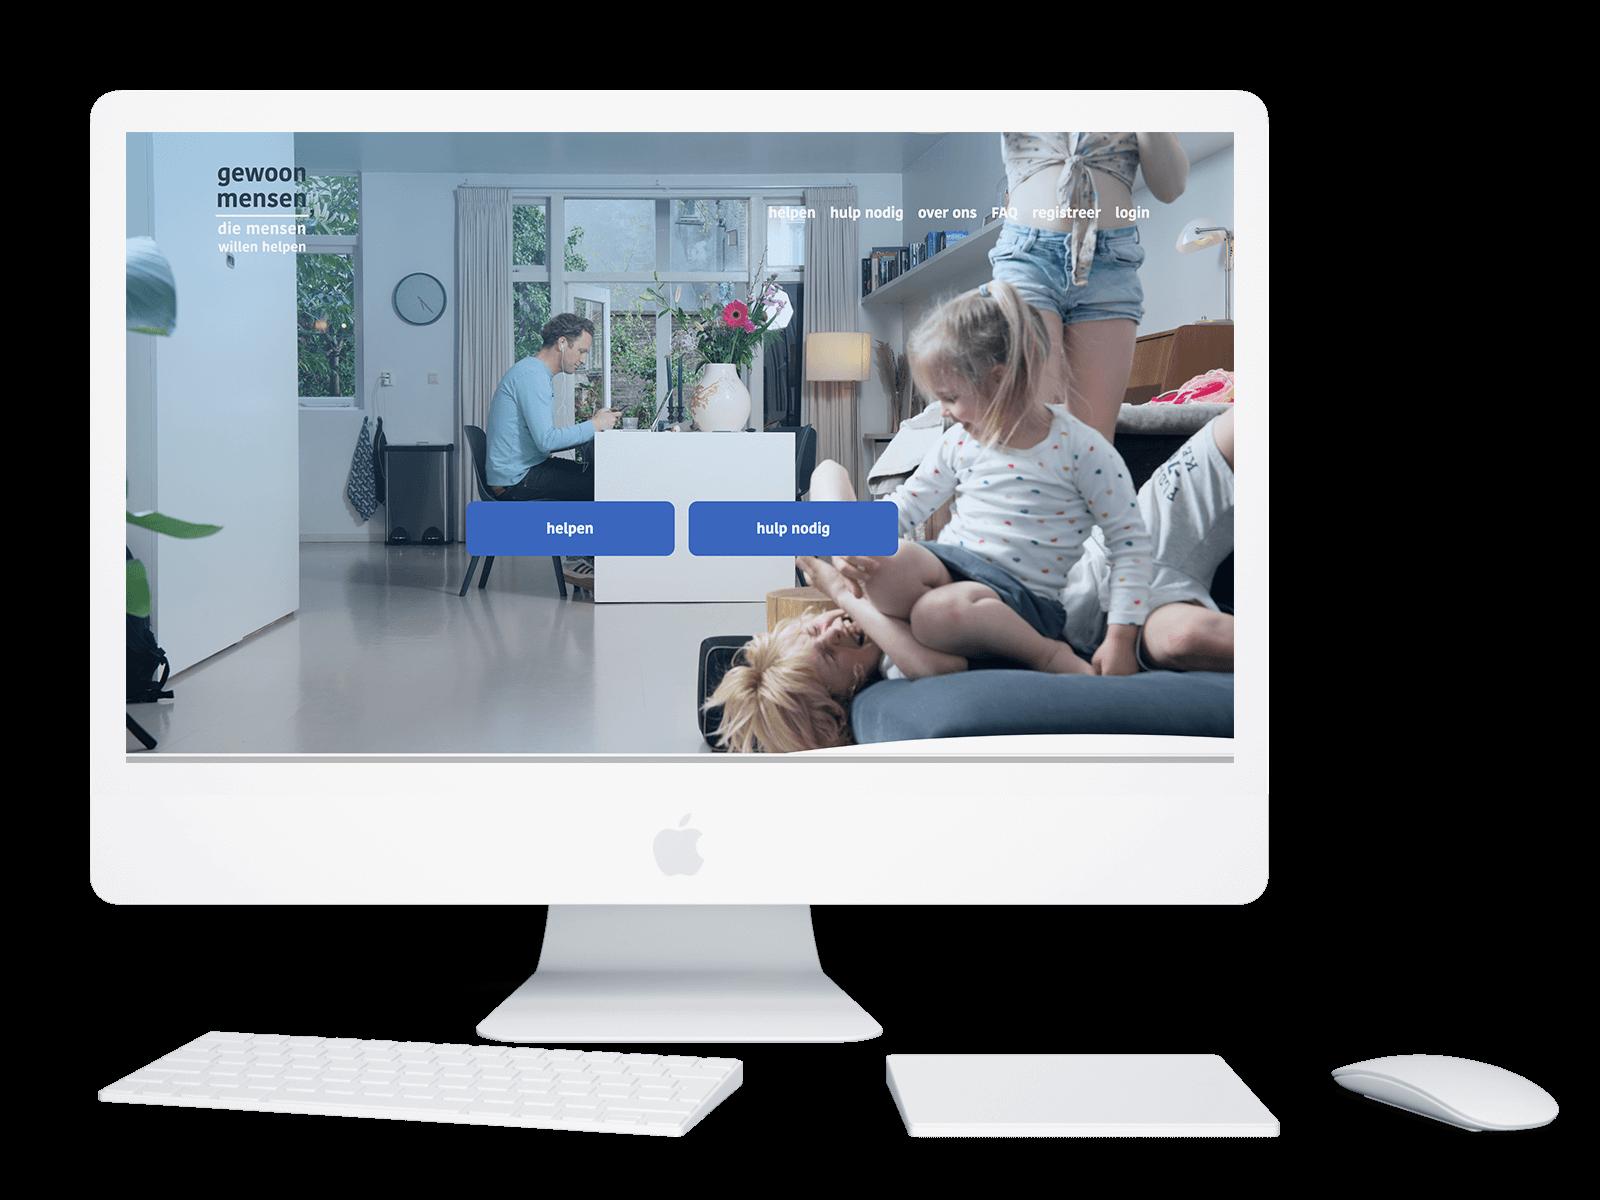 Homepage of people helped at GewoonMensen